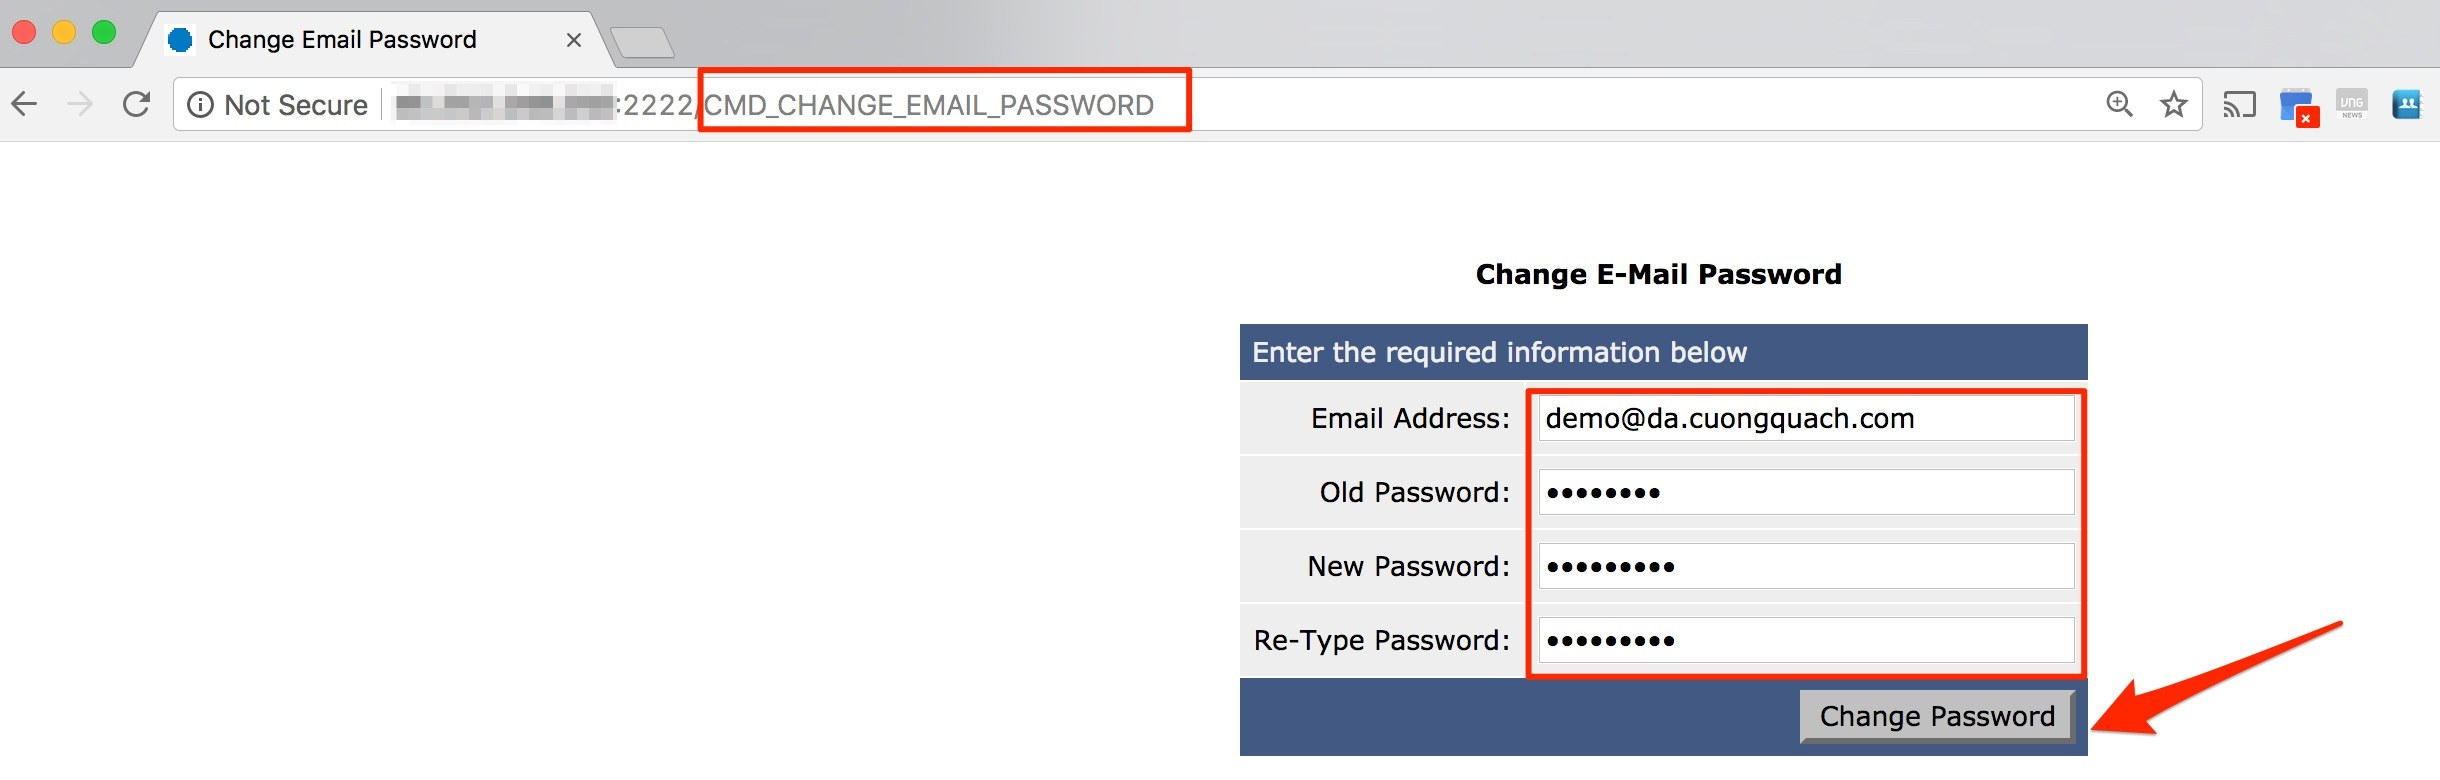 đổi mật khẩu email trên direct admin - 4